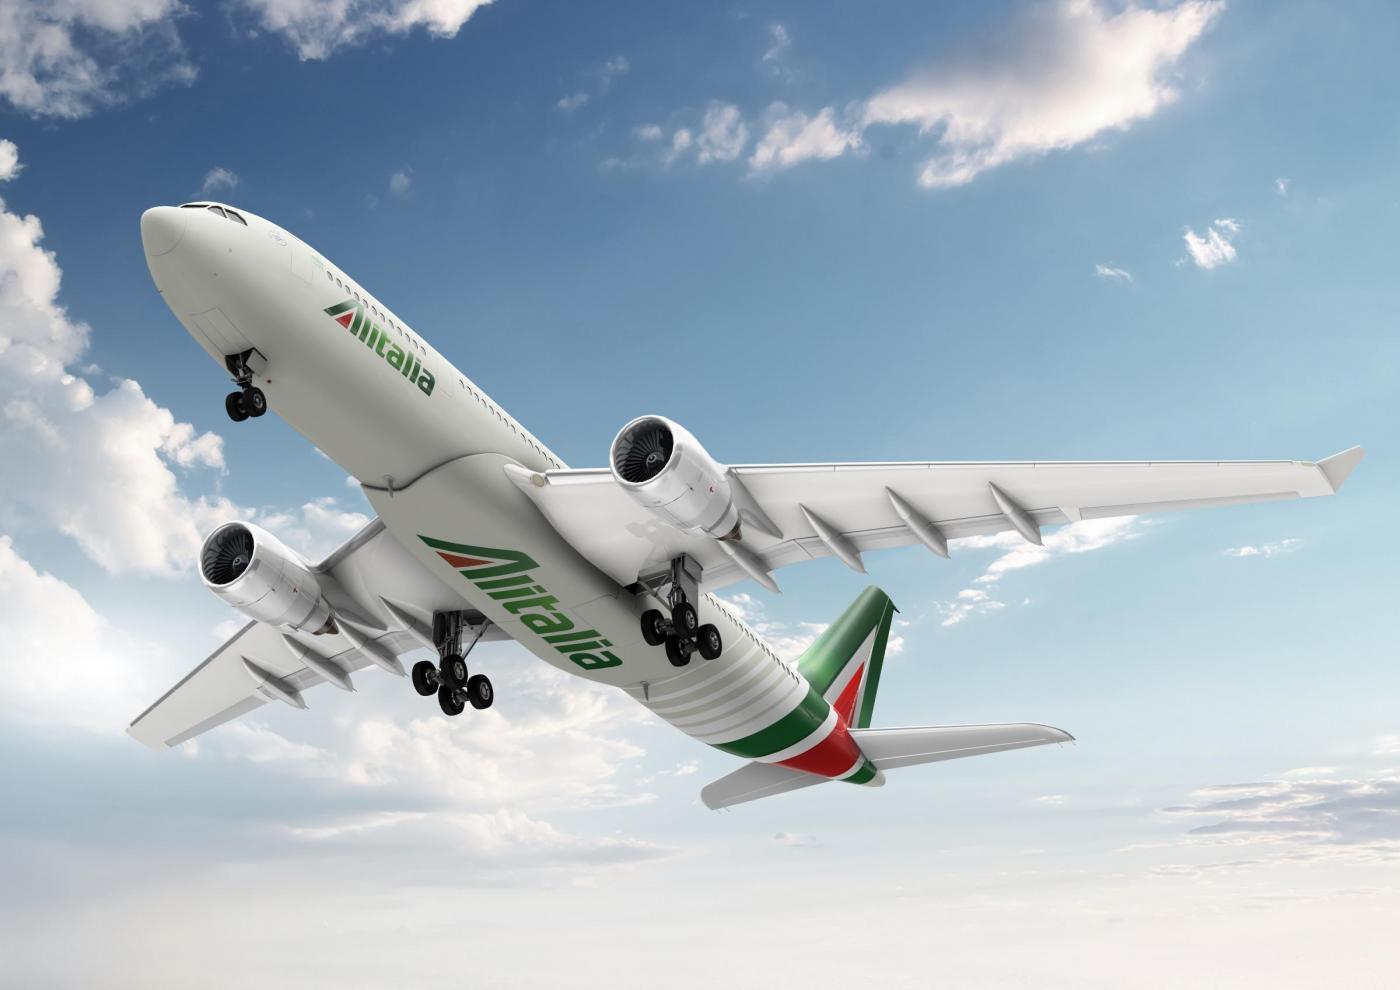 Presenta del nuovo logo e dei nuovi servizi di Alitalia